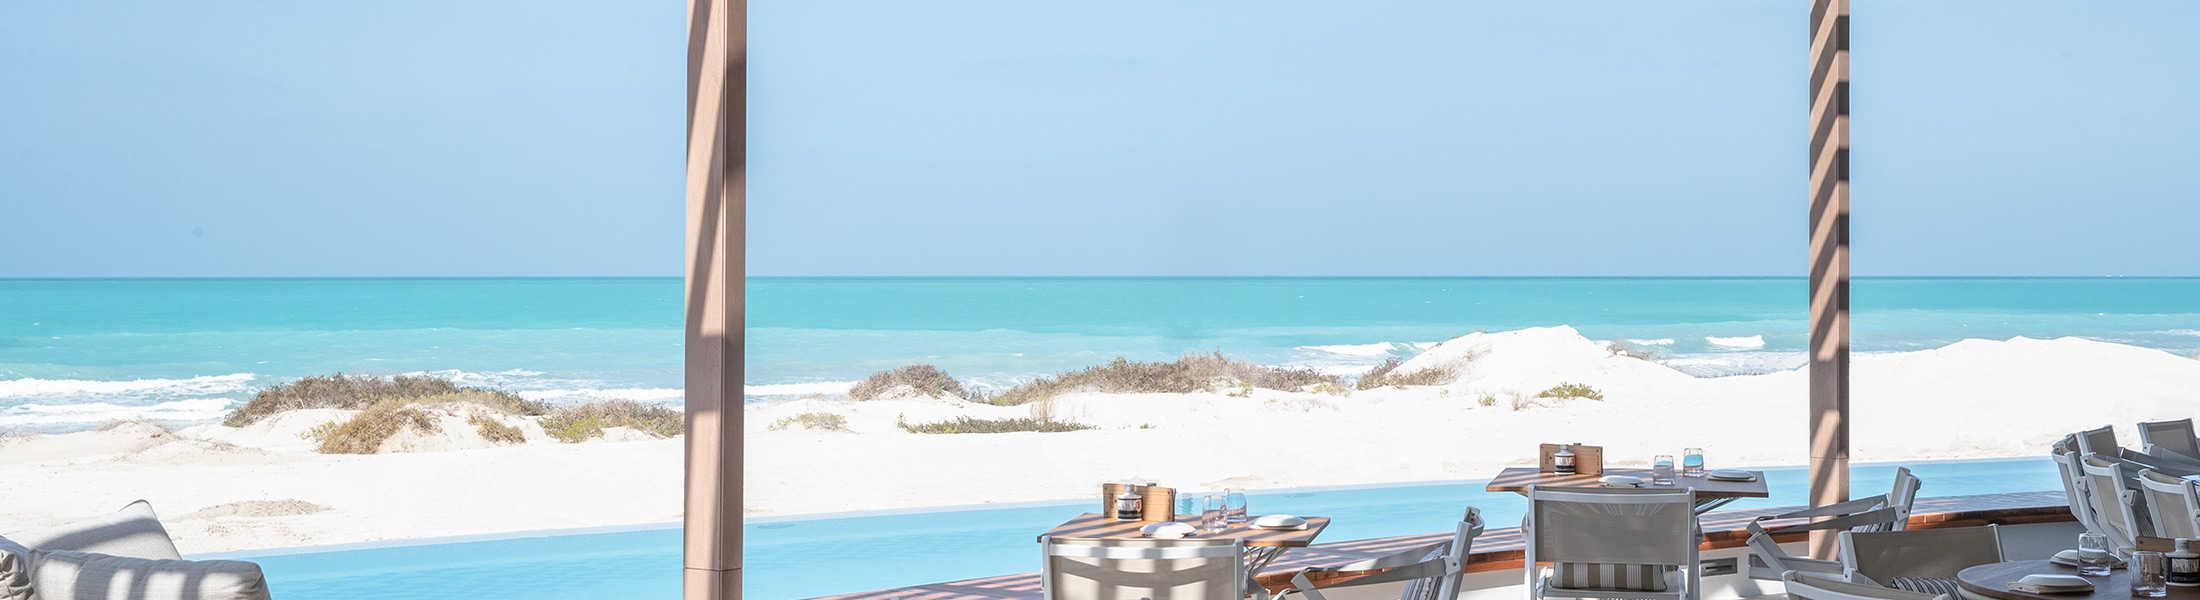 Ocean view from Mare Mare Restaurant at Jumeirah at Saadiyat Island